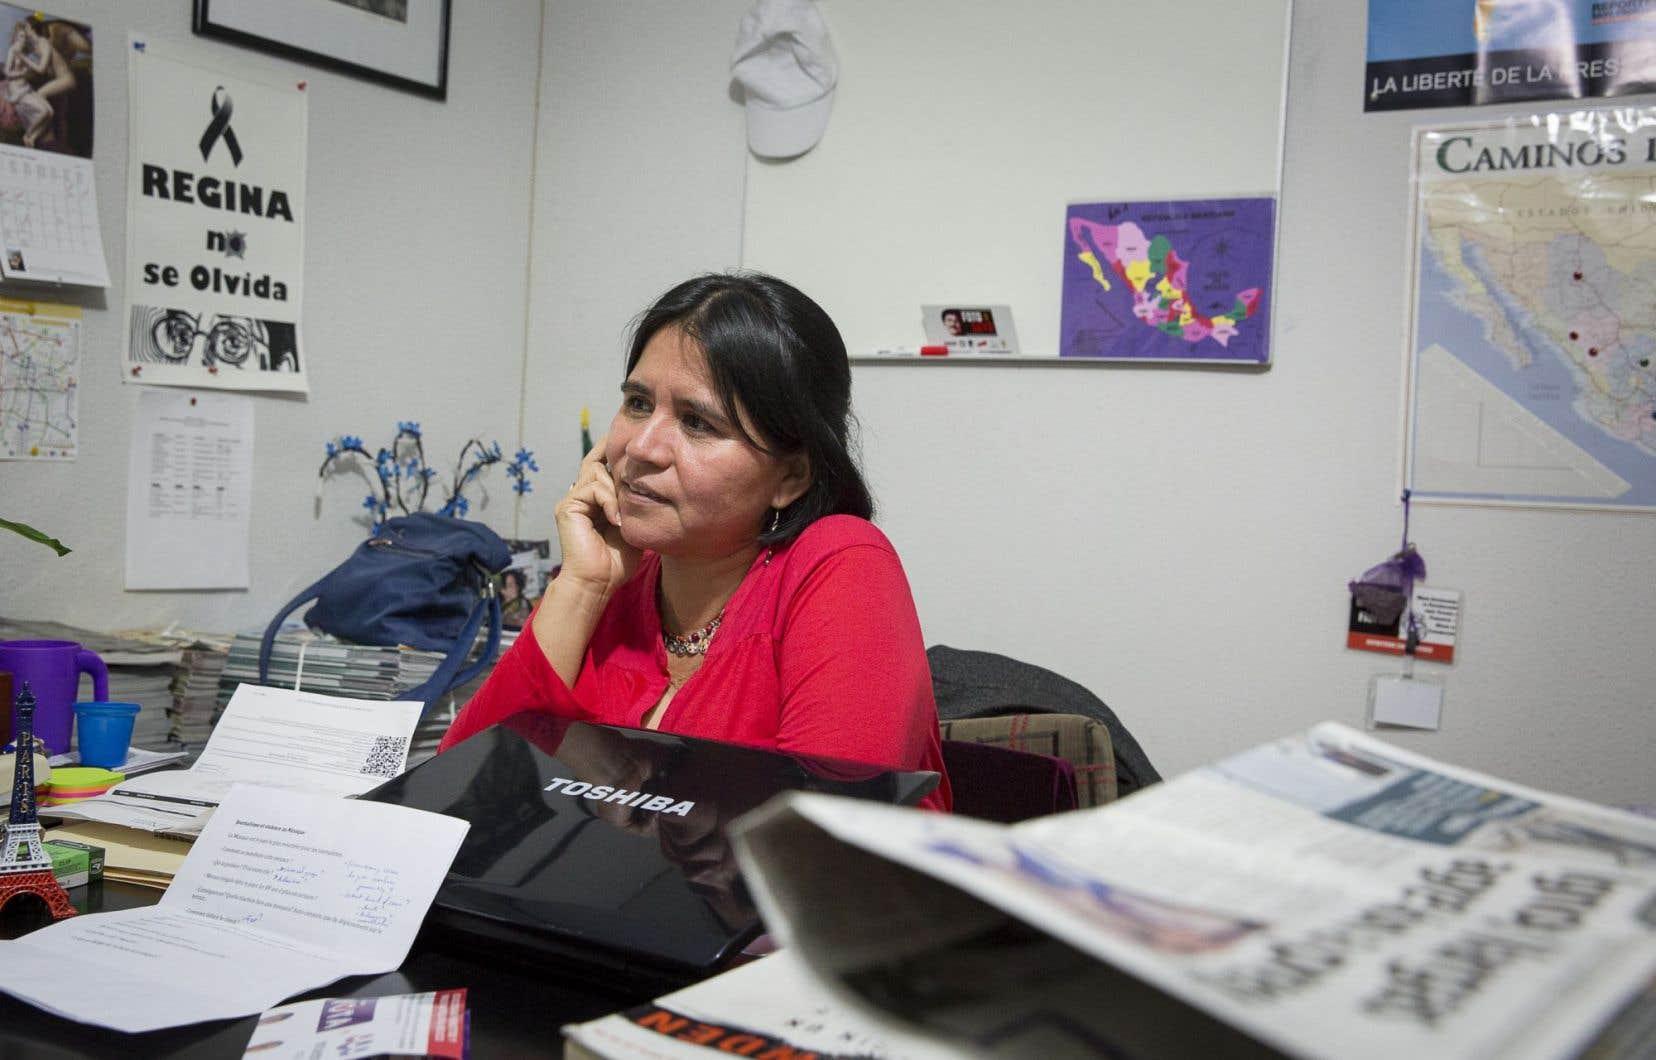 Balbina Flores Martínez, représentante de Reporters sans frontières au Mexique